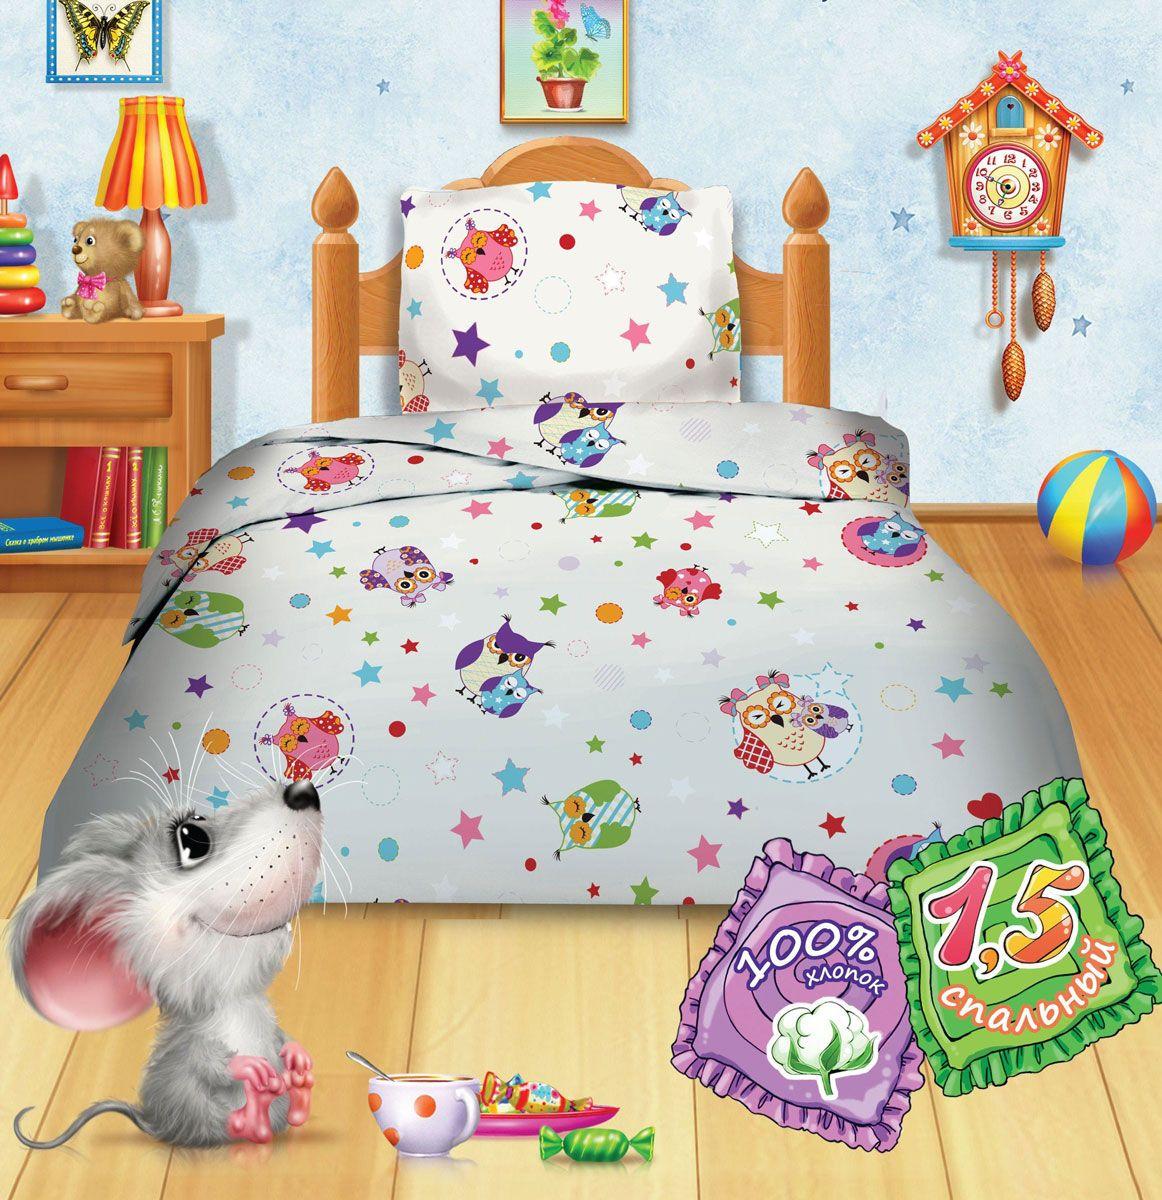 Комплект детского постельного белья Кошки-мышки Многоцветие, 1,5-спальный, наволочки 70х70422720Комплект детского постельного белья Кошки-мышки Многоцветие, выполненный из 100% хлопка, состоит изпододеяльника, простыни и наволочки. Постельное белье оформлено красочным детским рисунком и прекрасно дополнит интерьер детской комнаты.Приобретая комплект постельного белья Кошки-мышки Многоцветие, вы можете быть уверенны в том, что покупкадоставит вам и вашим близким удовольствие и подарит максимальный комфорт.